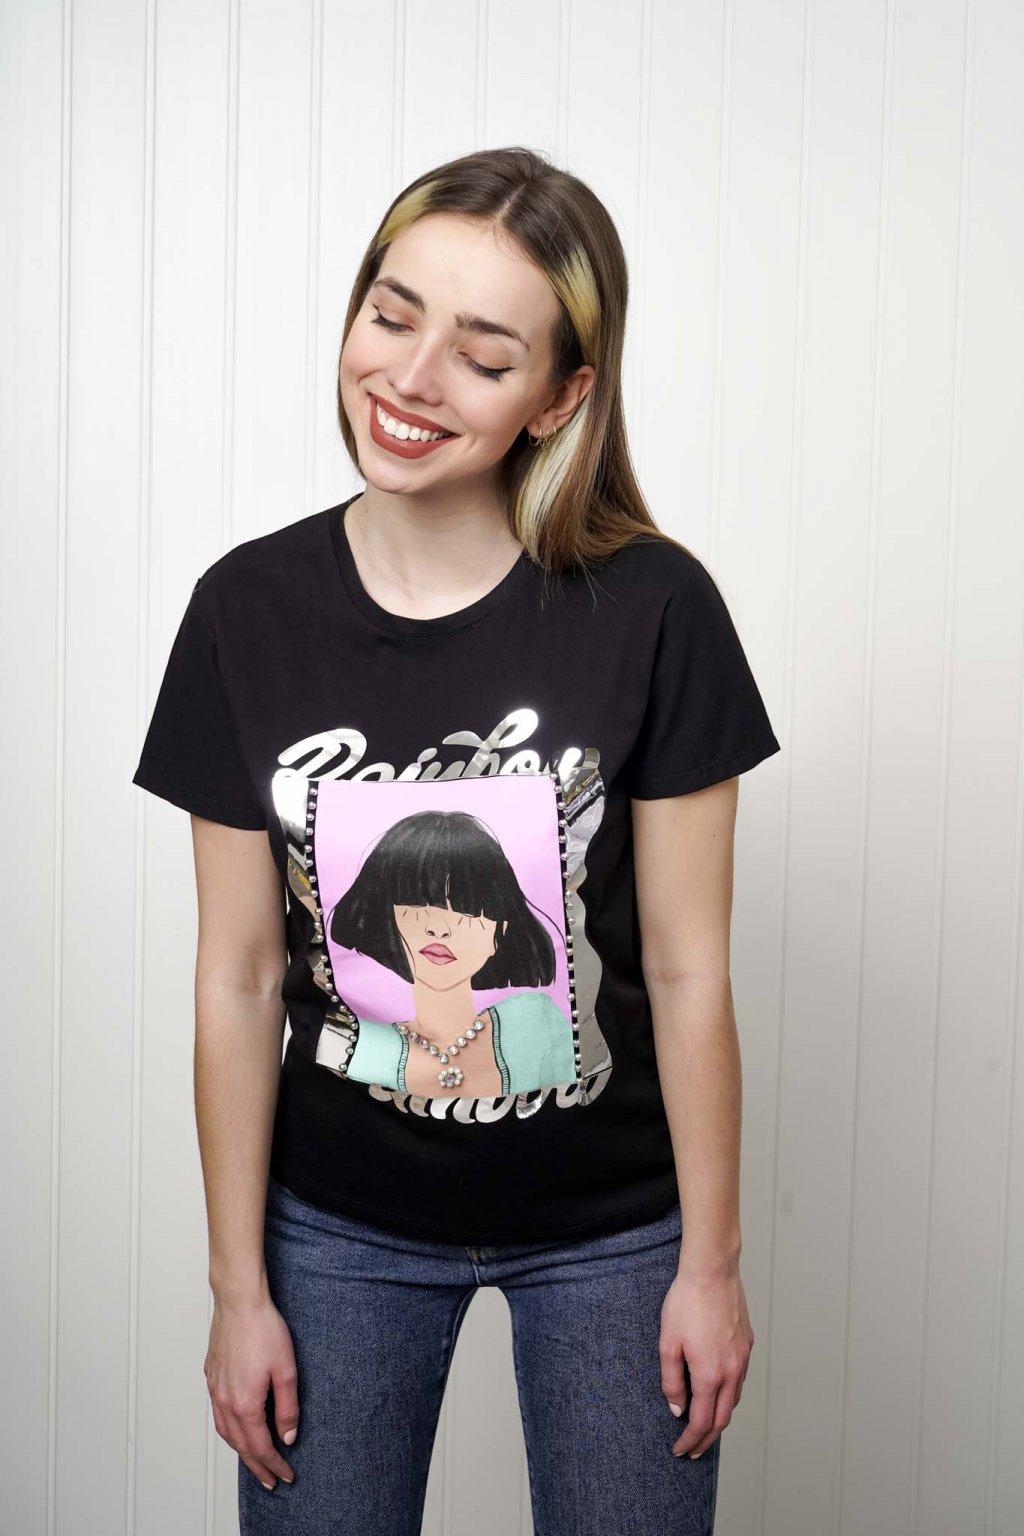 tričko, tričkové šaty, biele, čierne, žlté, vzorované, potlač, vyšívané, nášivky, fialové, street style, 94